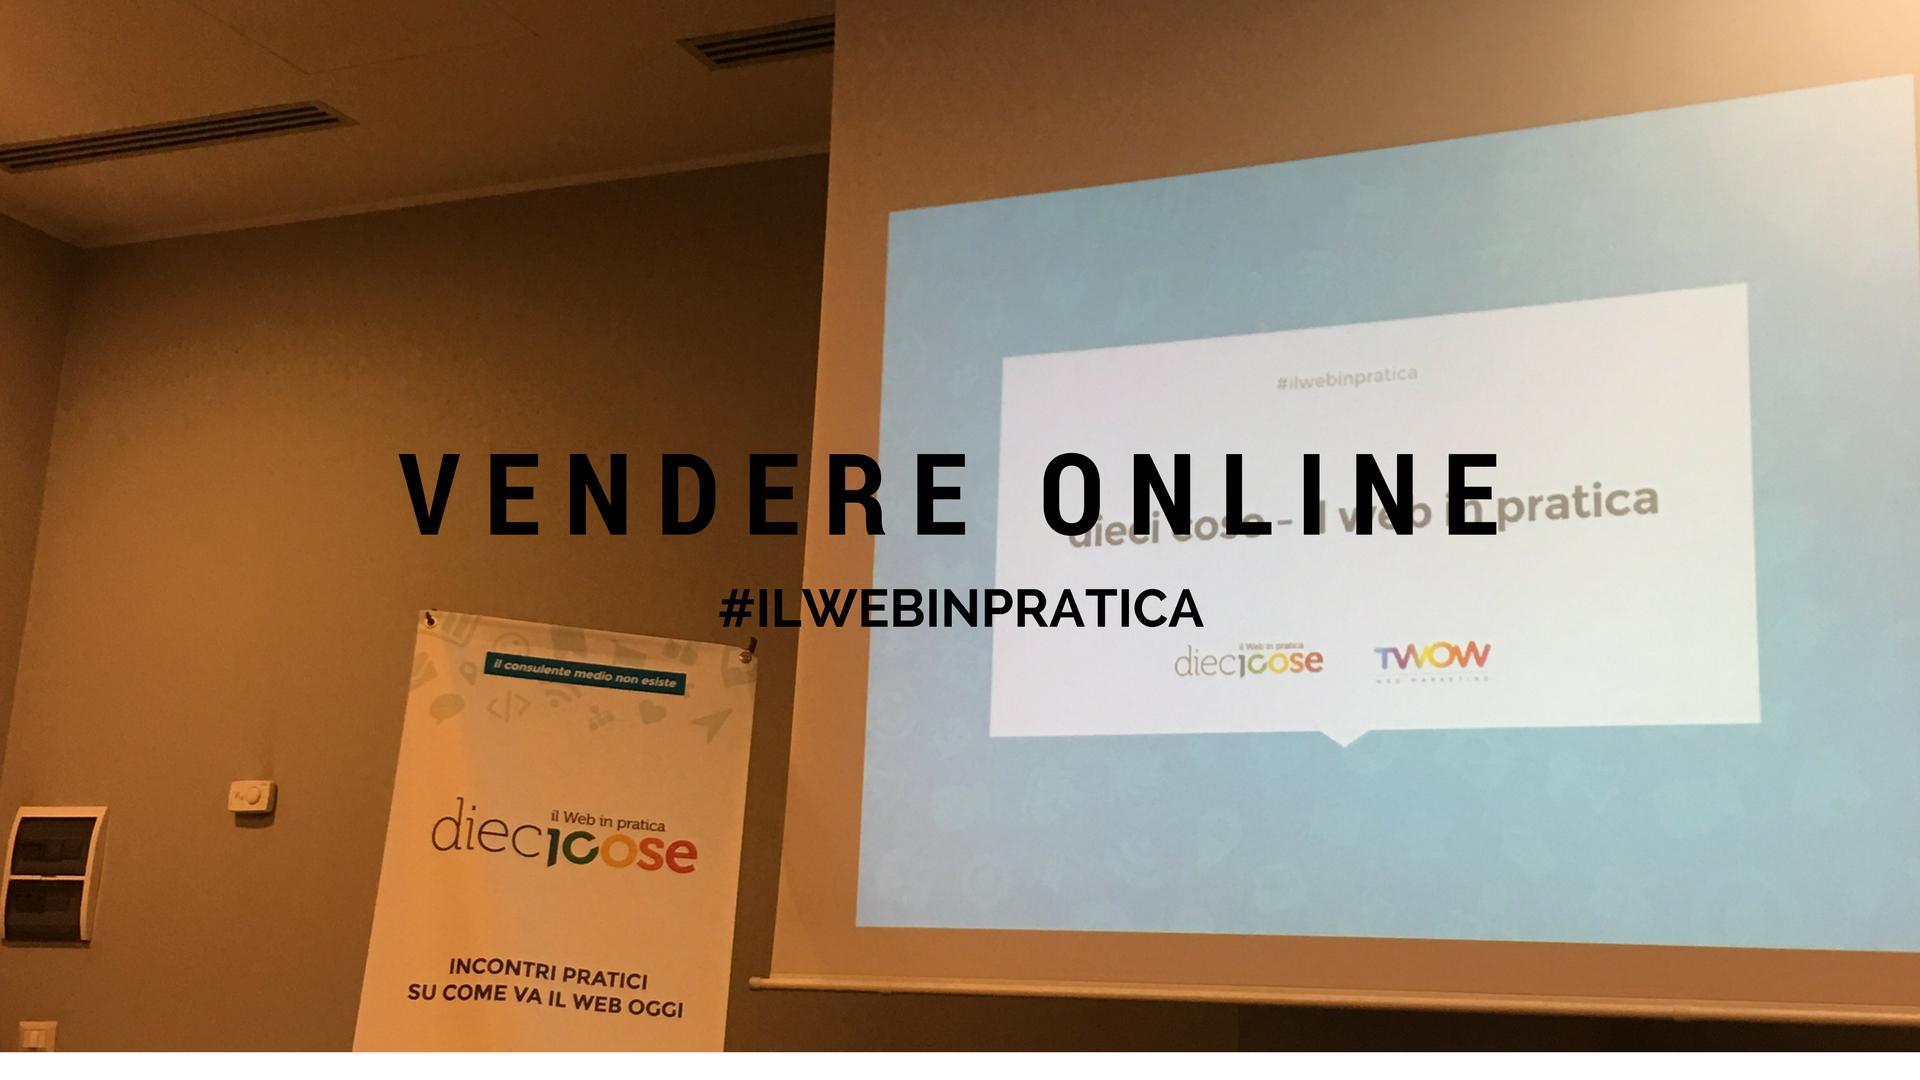 Vendere Online - Il corso di Dieci Cose #ilwebinpratica